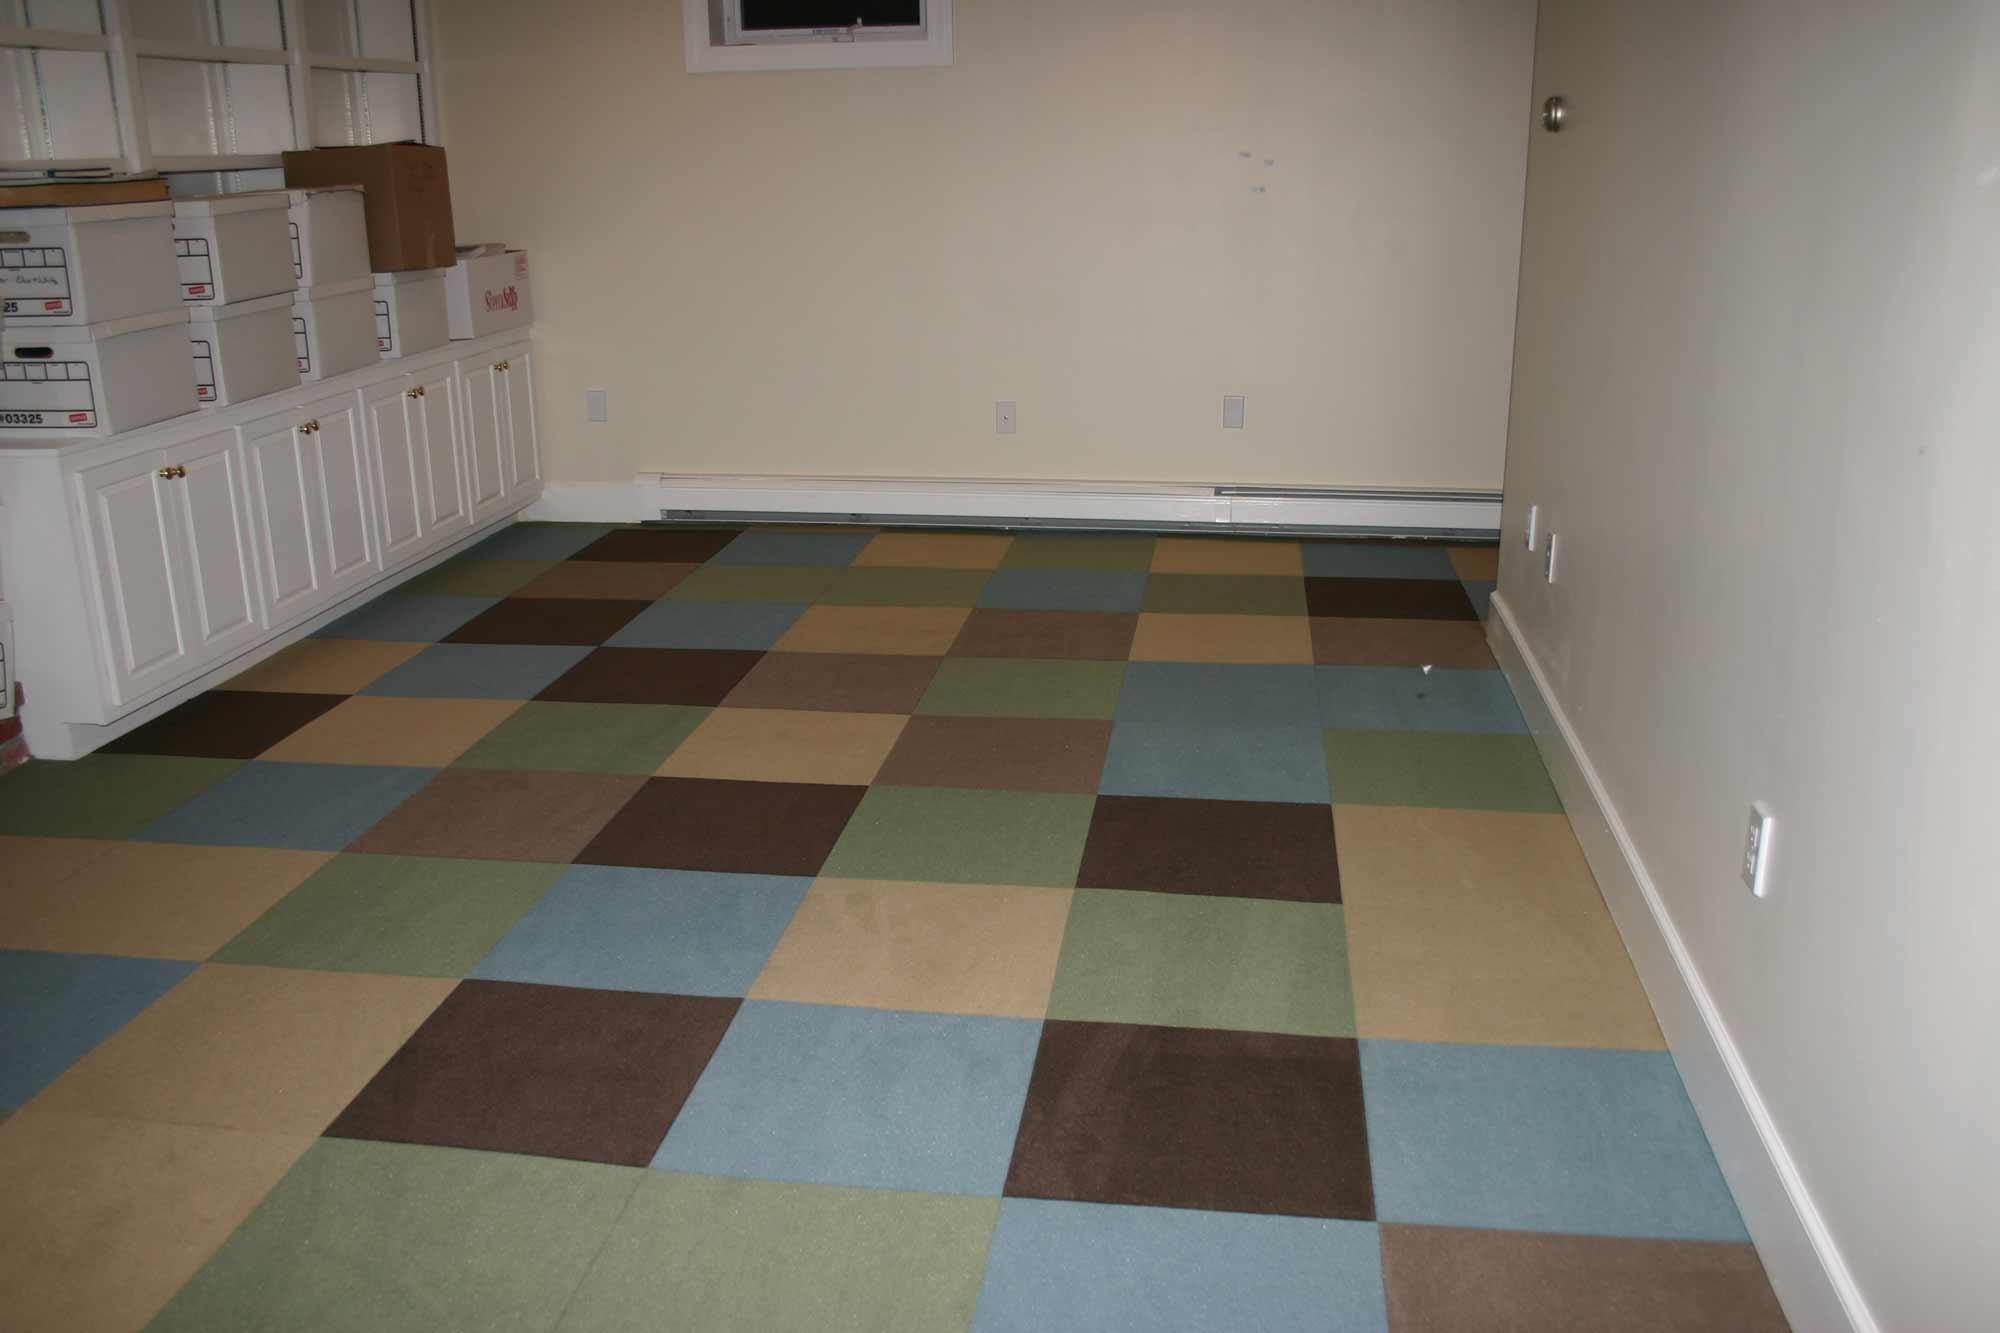 Best Subfloor For Basement Carpet